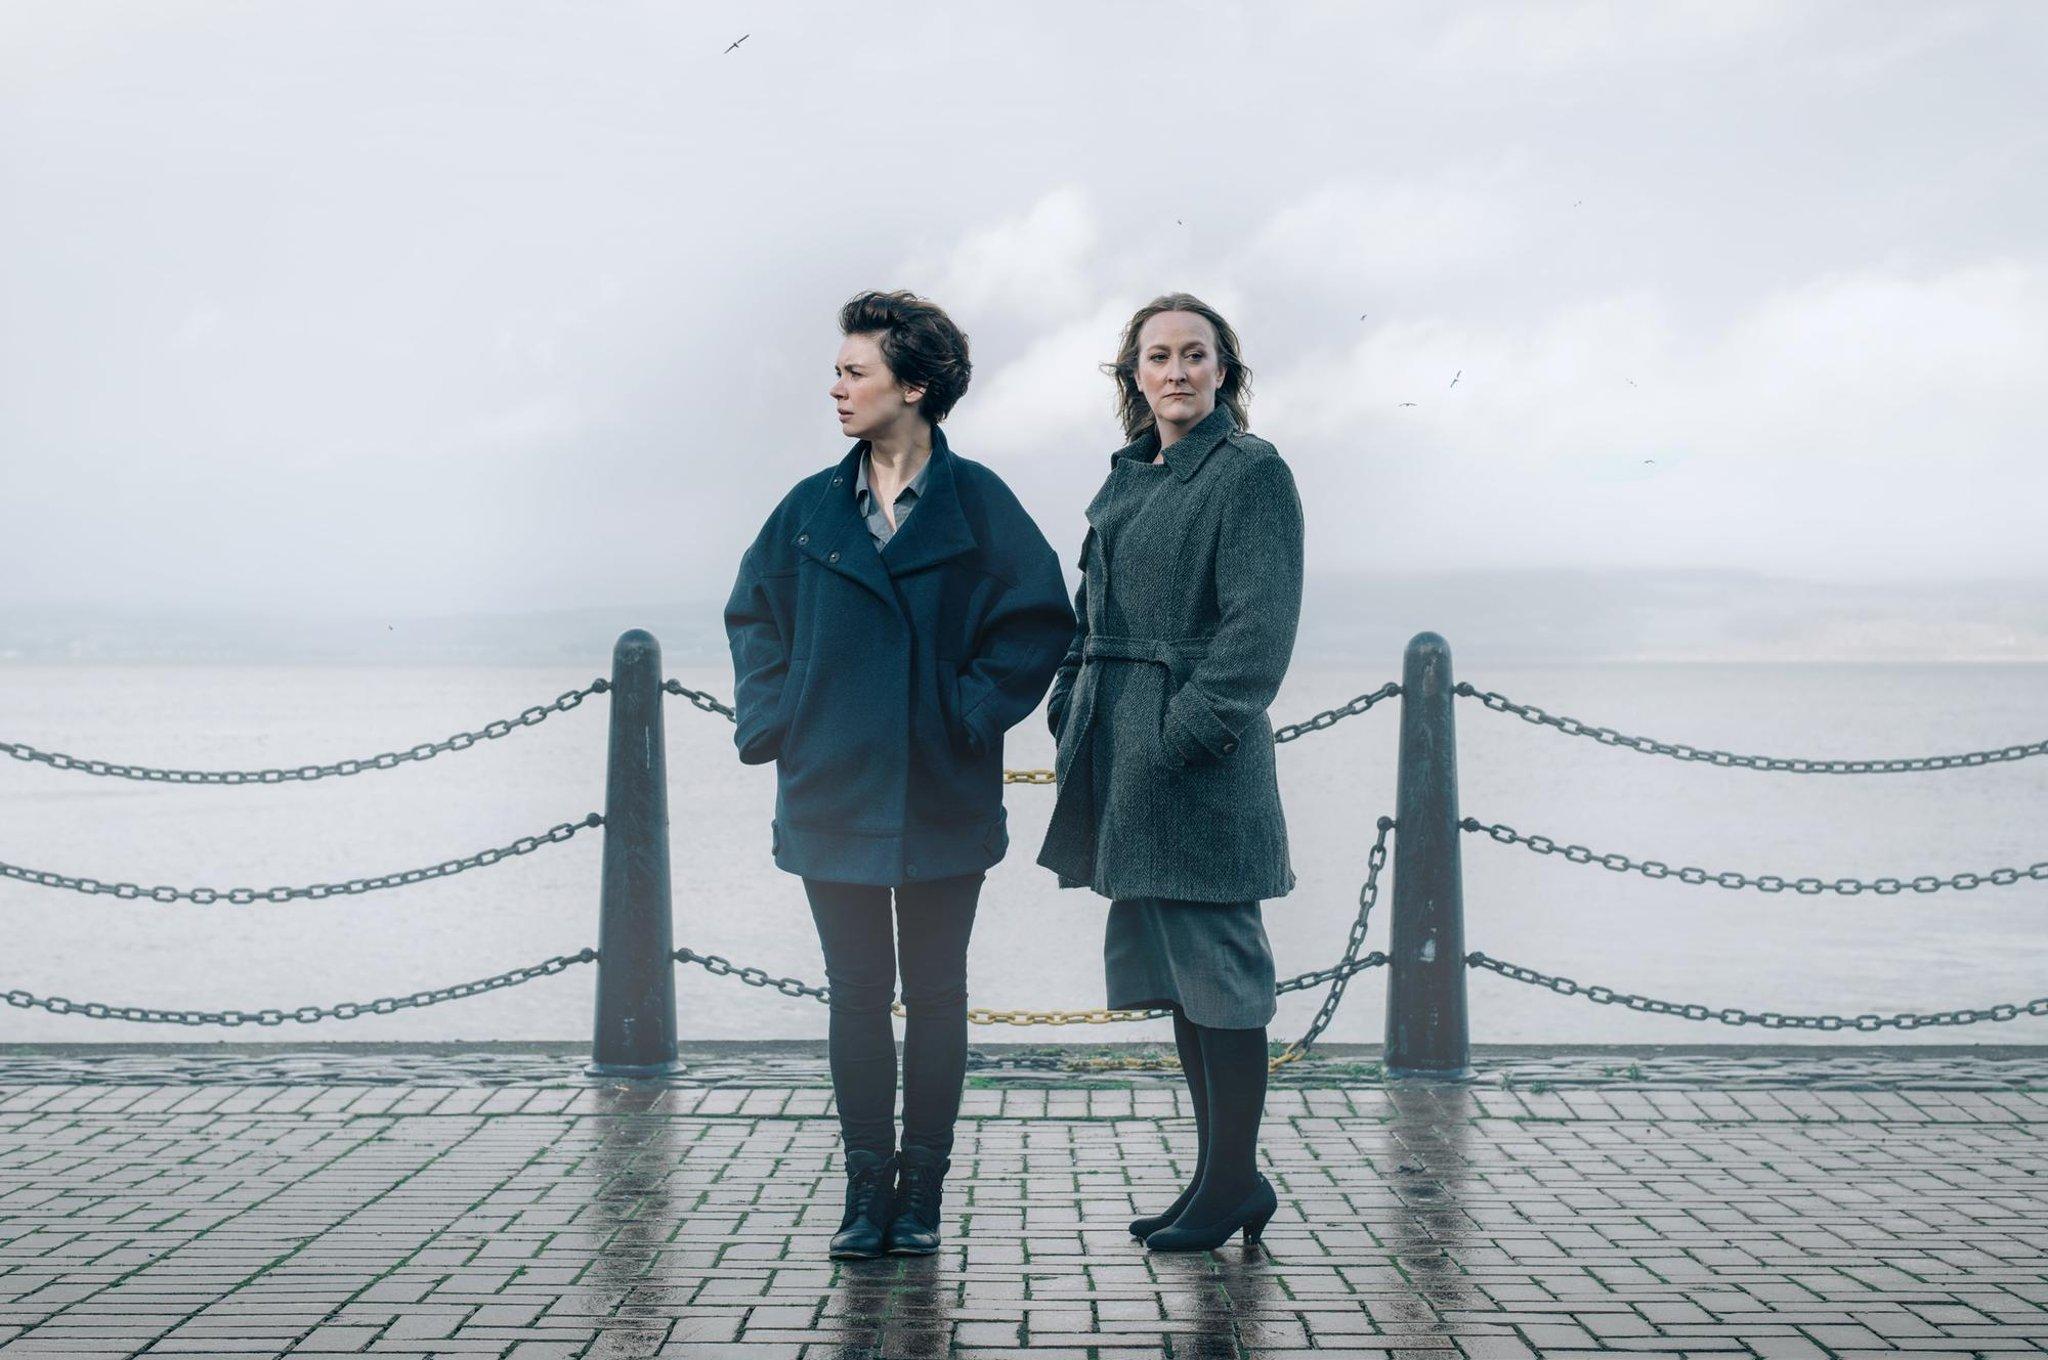 Musuh: Drama krisis kesehatan berusia 139 tahun yang diperbarui untuk kembalinya Teater Nasional Skotlandia